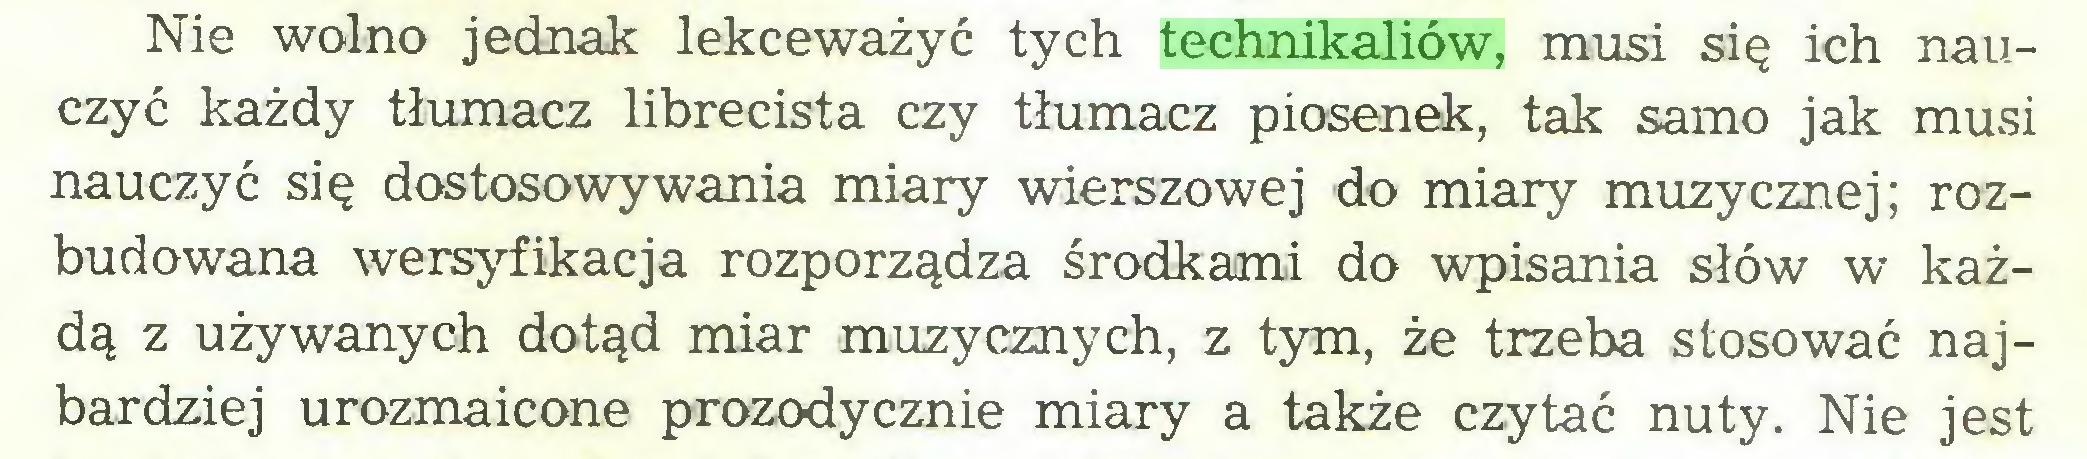 (...) Nie wolno jednak lekceważyć tych technikaliów, musi się ich nauczyć każdy tłumacz librecista czy tłumacz piosenek, tak samo jak musi nauczyć się dostosowywania miary wierszowej do miary muzycznej; rozbudowana wersyfikacja rozporządza środkami do wpisania słów w każdą z używanych dotąd miar muzycznych, z tym, że trzeba stosować najbardziej urozmaicone prozodycznie miary a także czytać nuty. Nie jest...